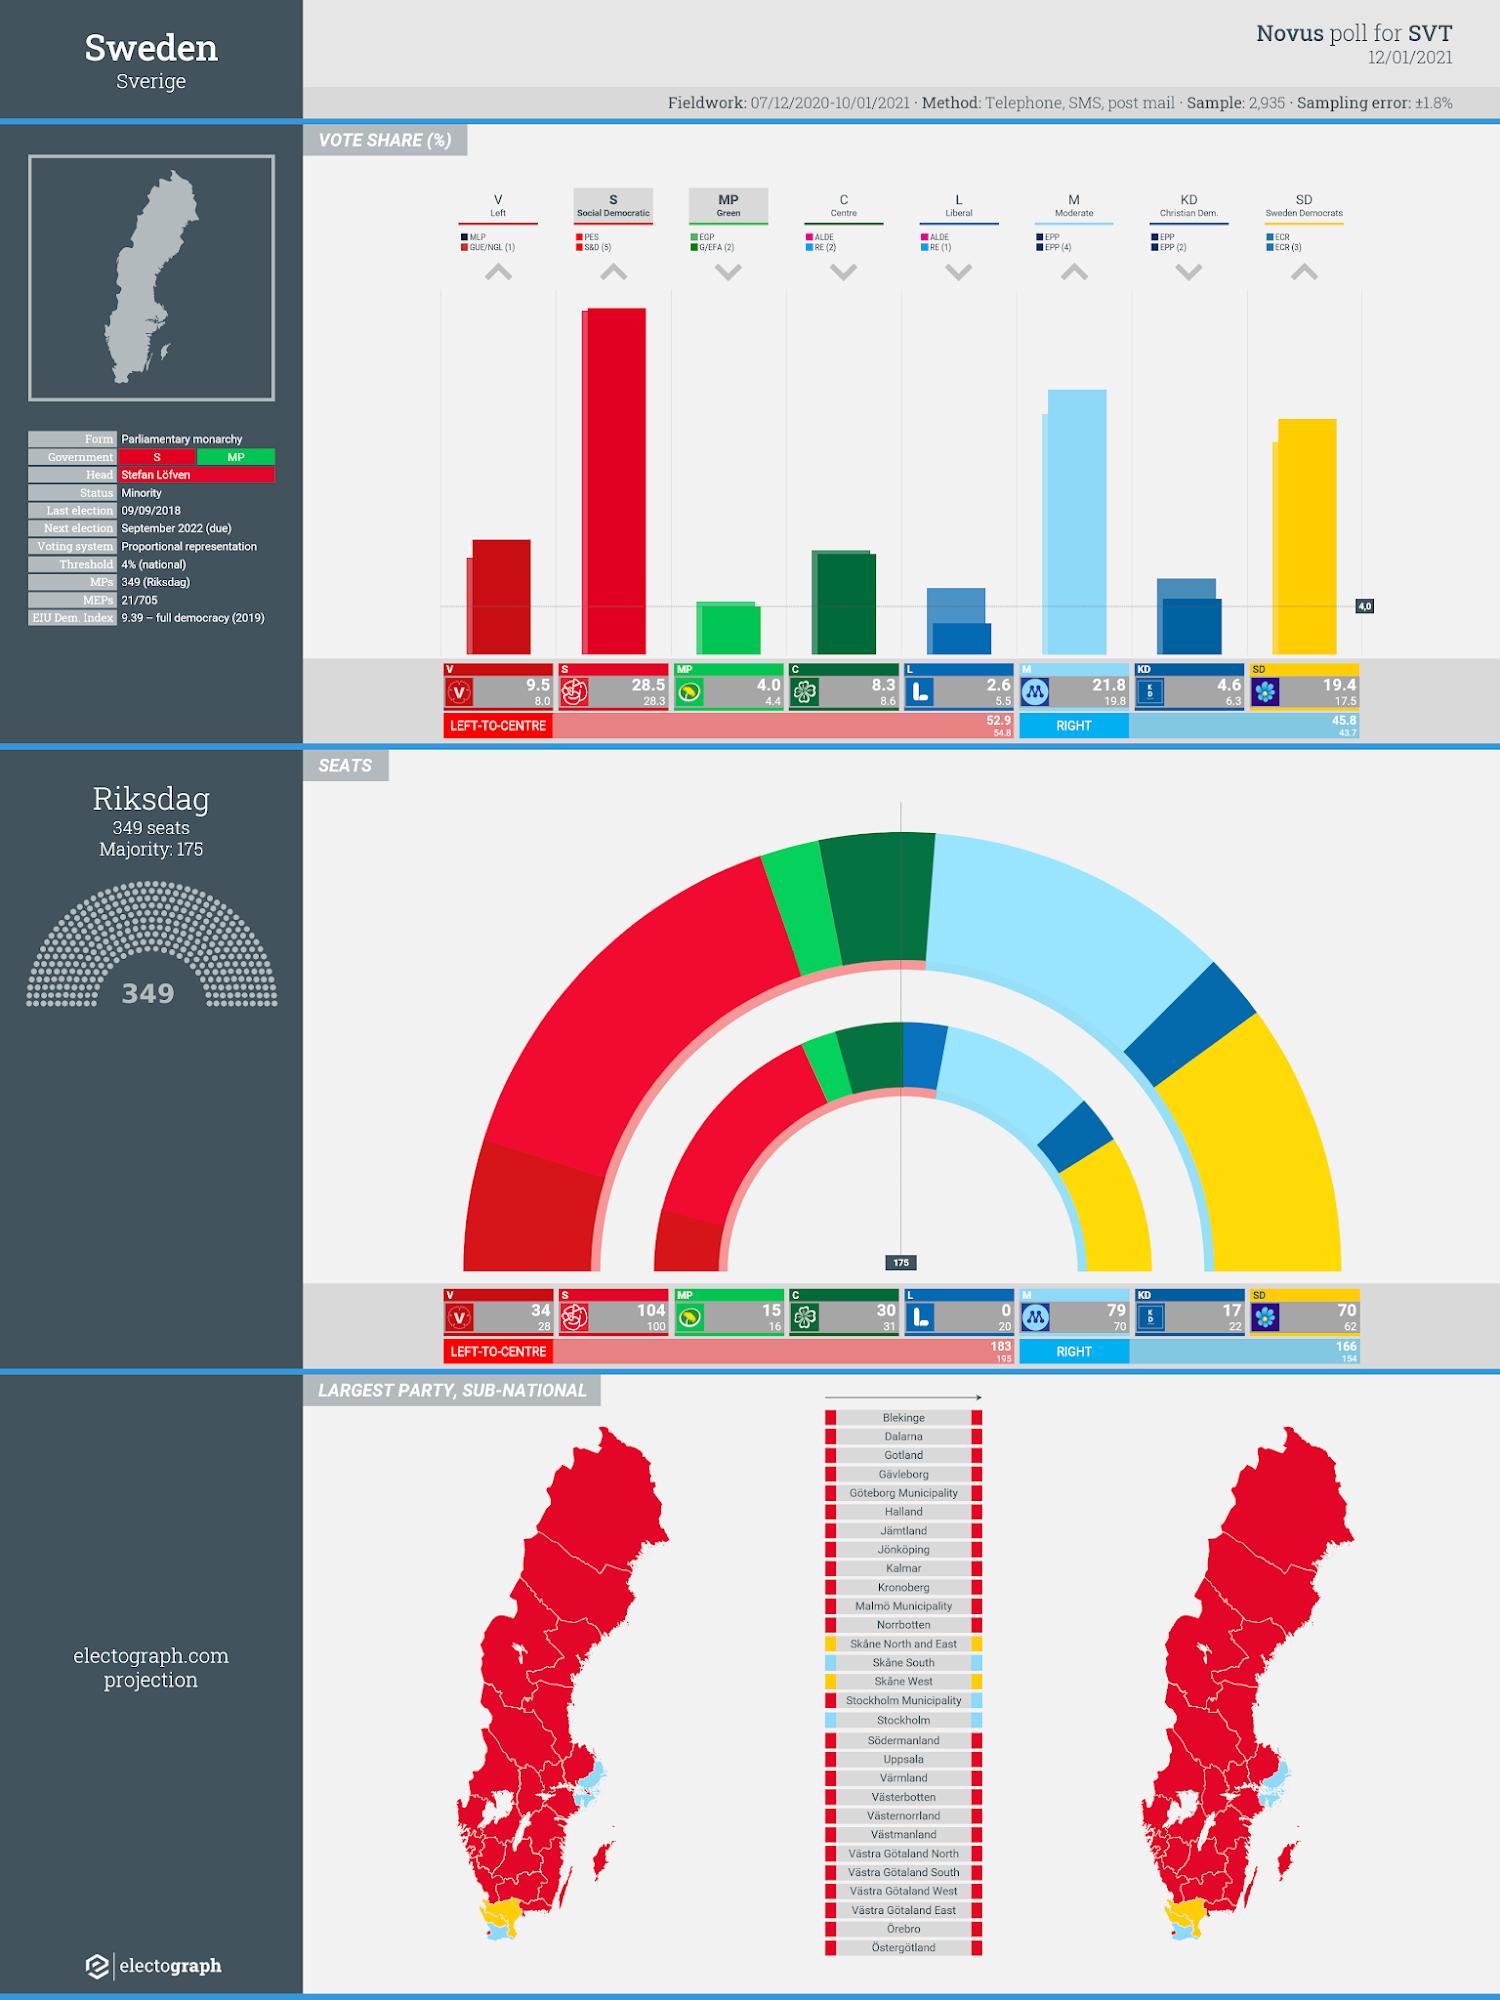 SWEDEN: Novus poll chart for SVT, 12 January 2021